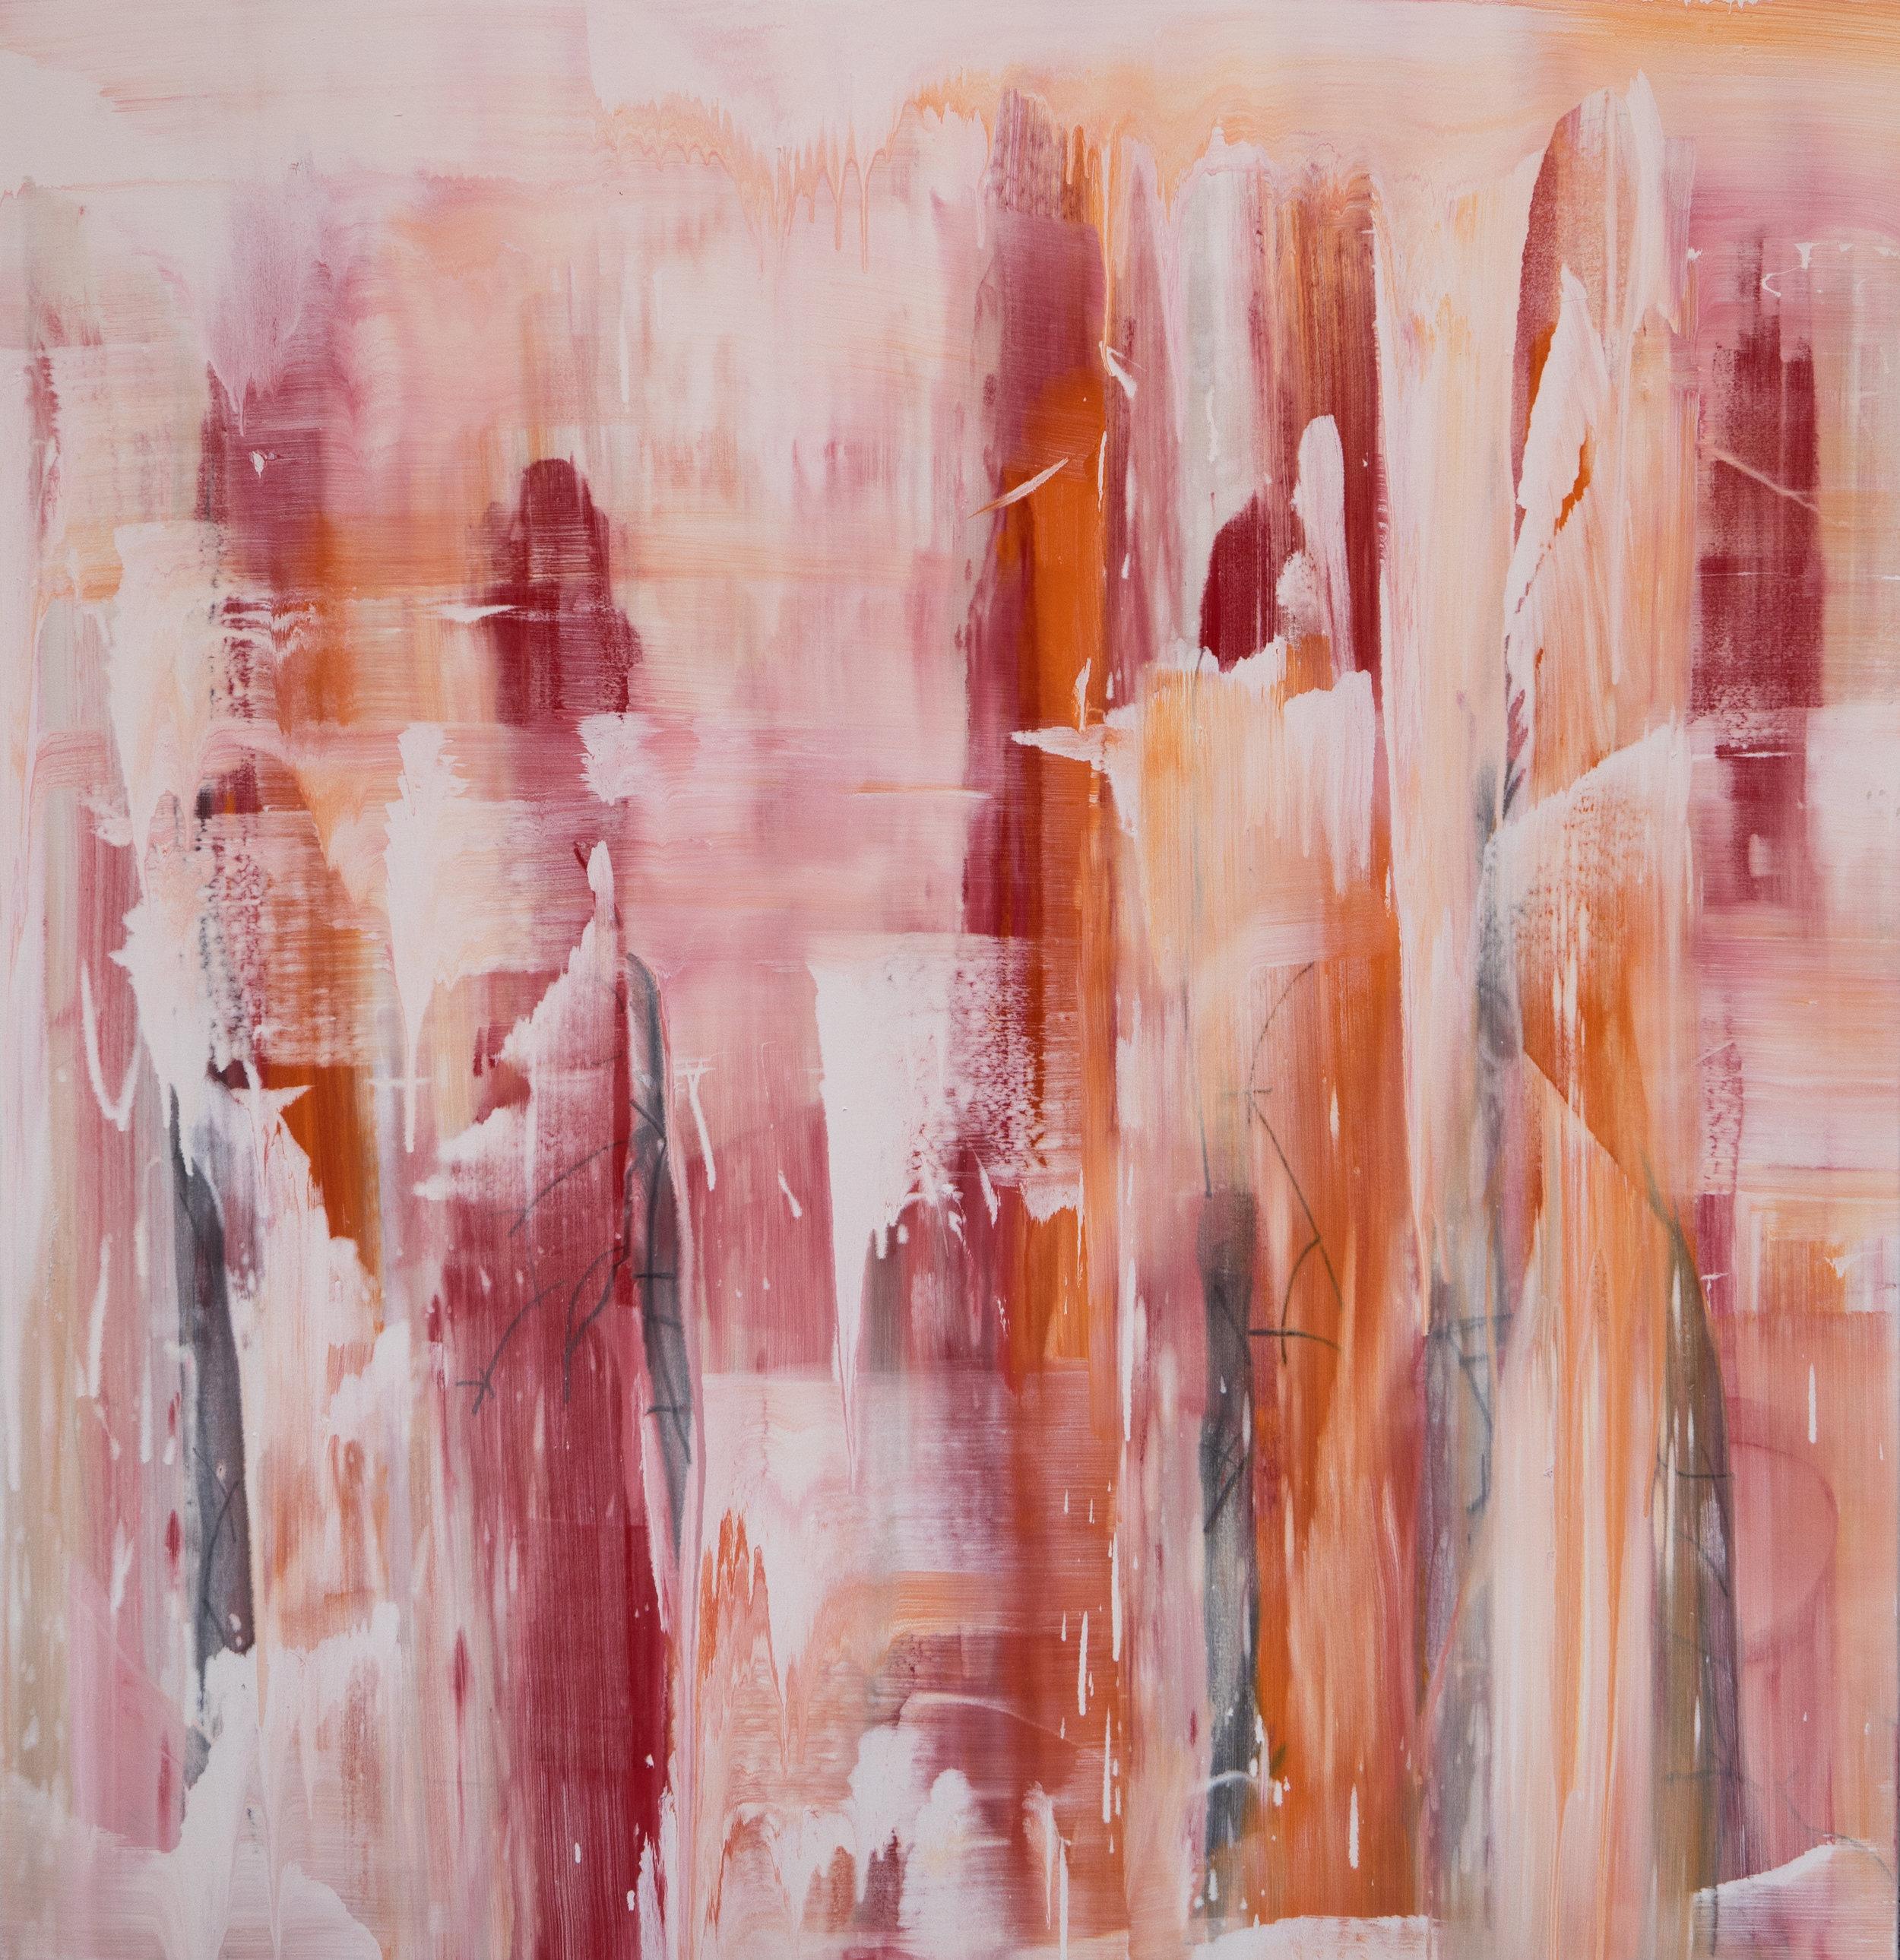 Autumn, Mist - Zahnjiaie, 2018, acrylic pigment on canvas, 155 x 160 cm.jpg